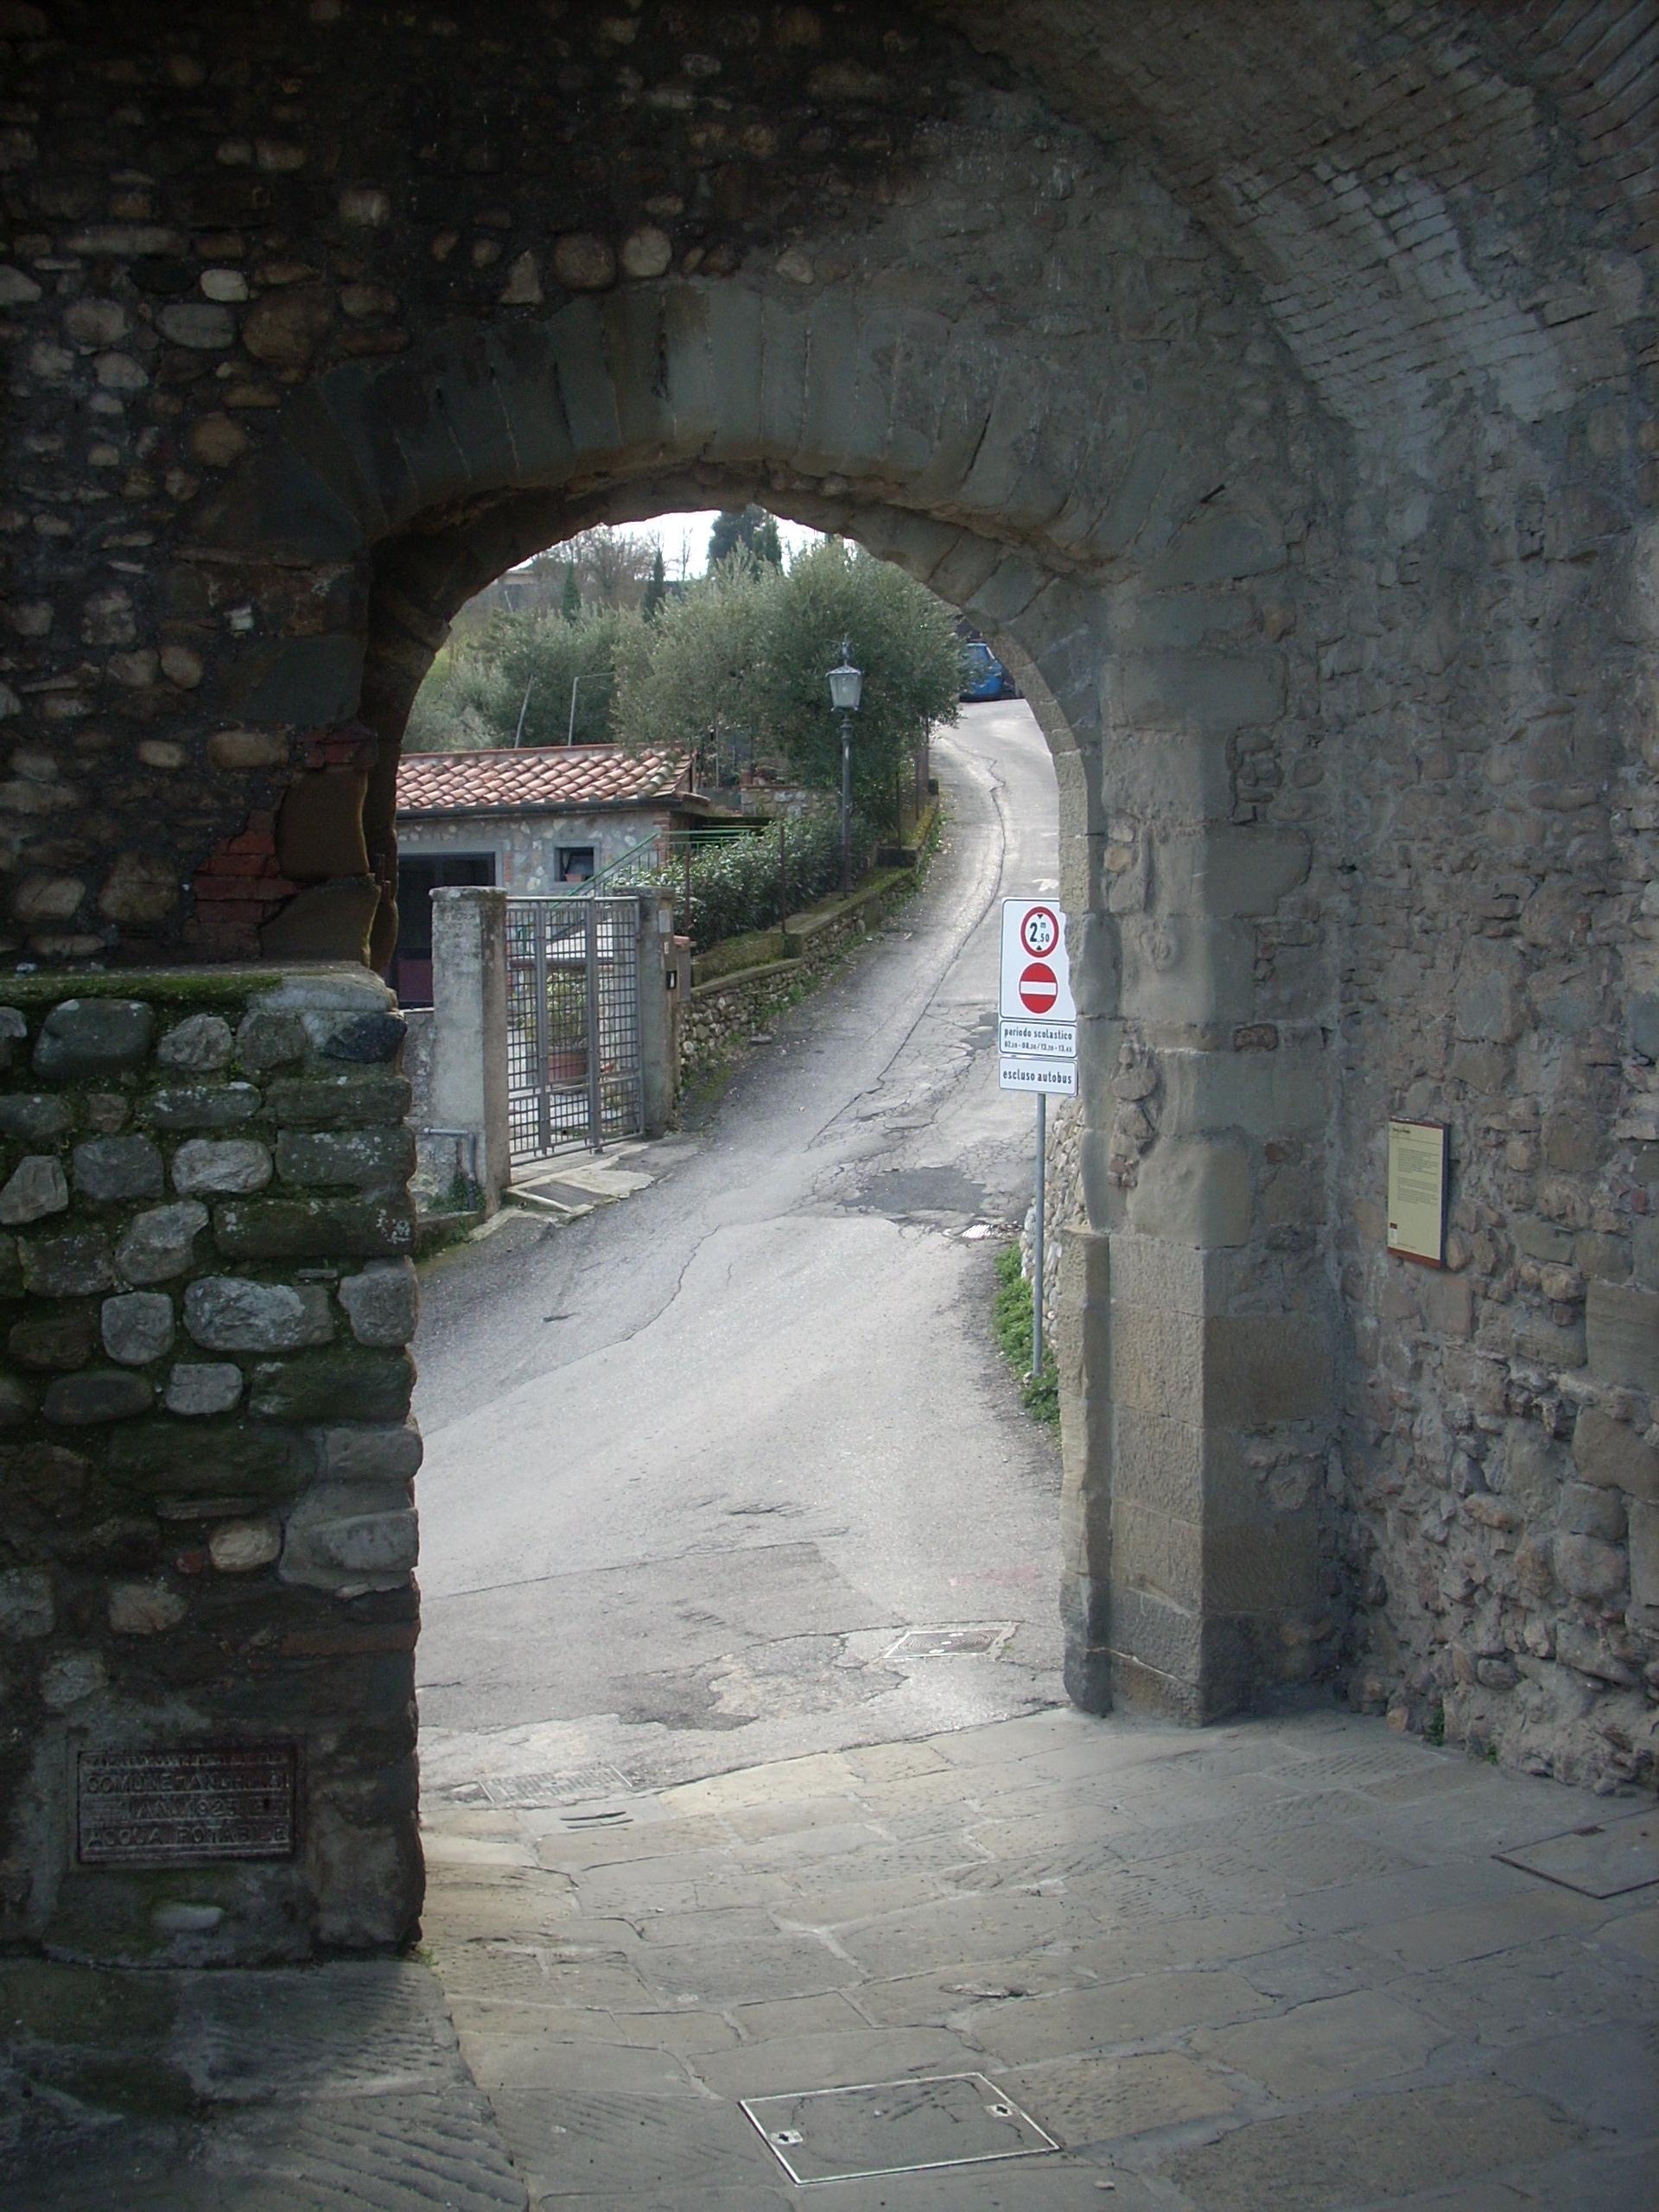 La Portaccia di Anghiari